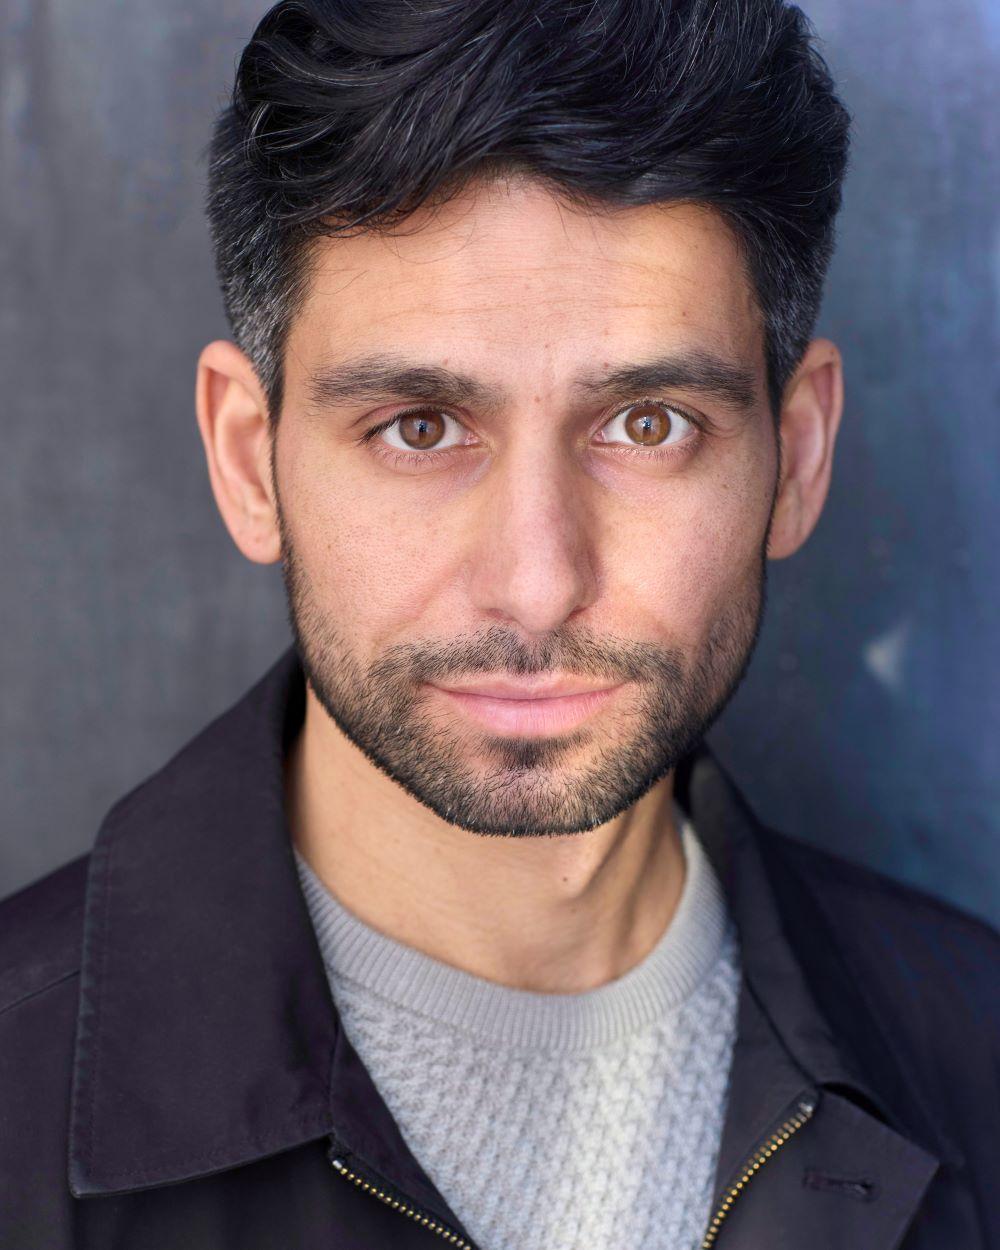 Danny Rahim new main headshot 10 x 8